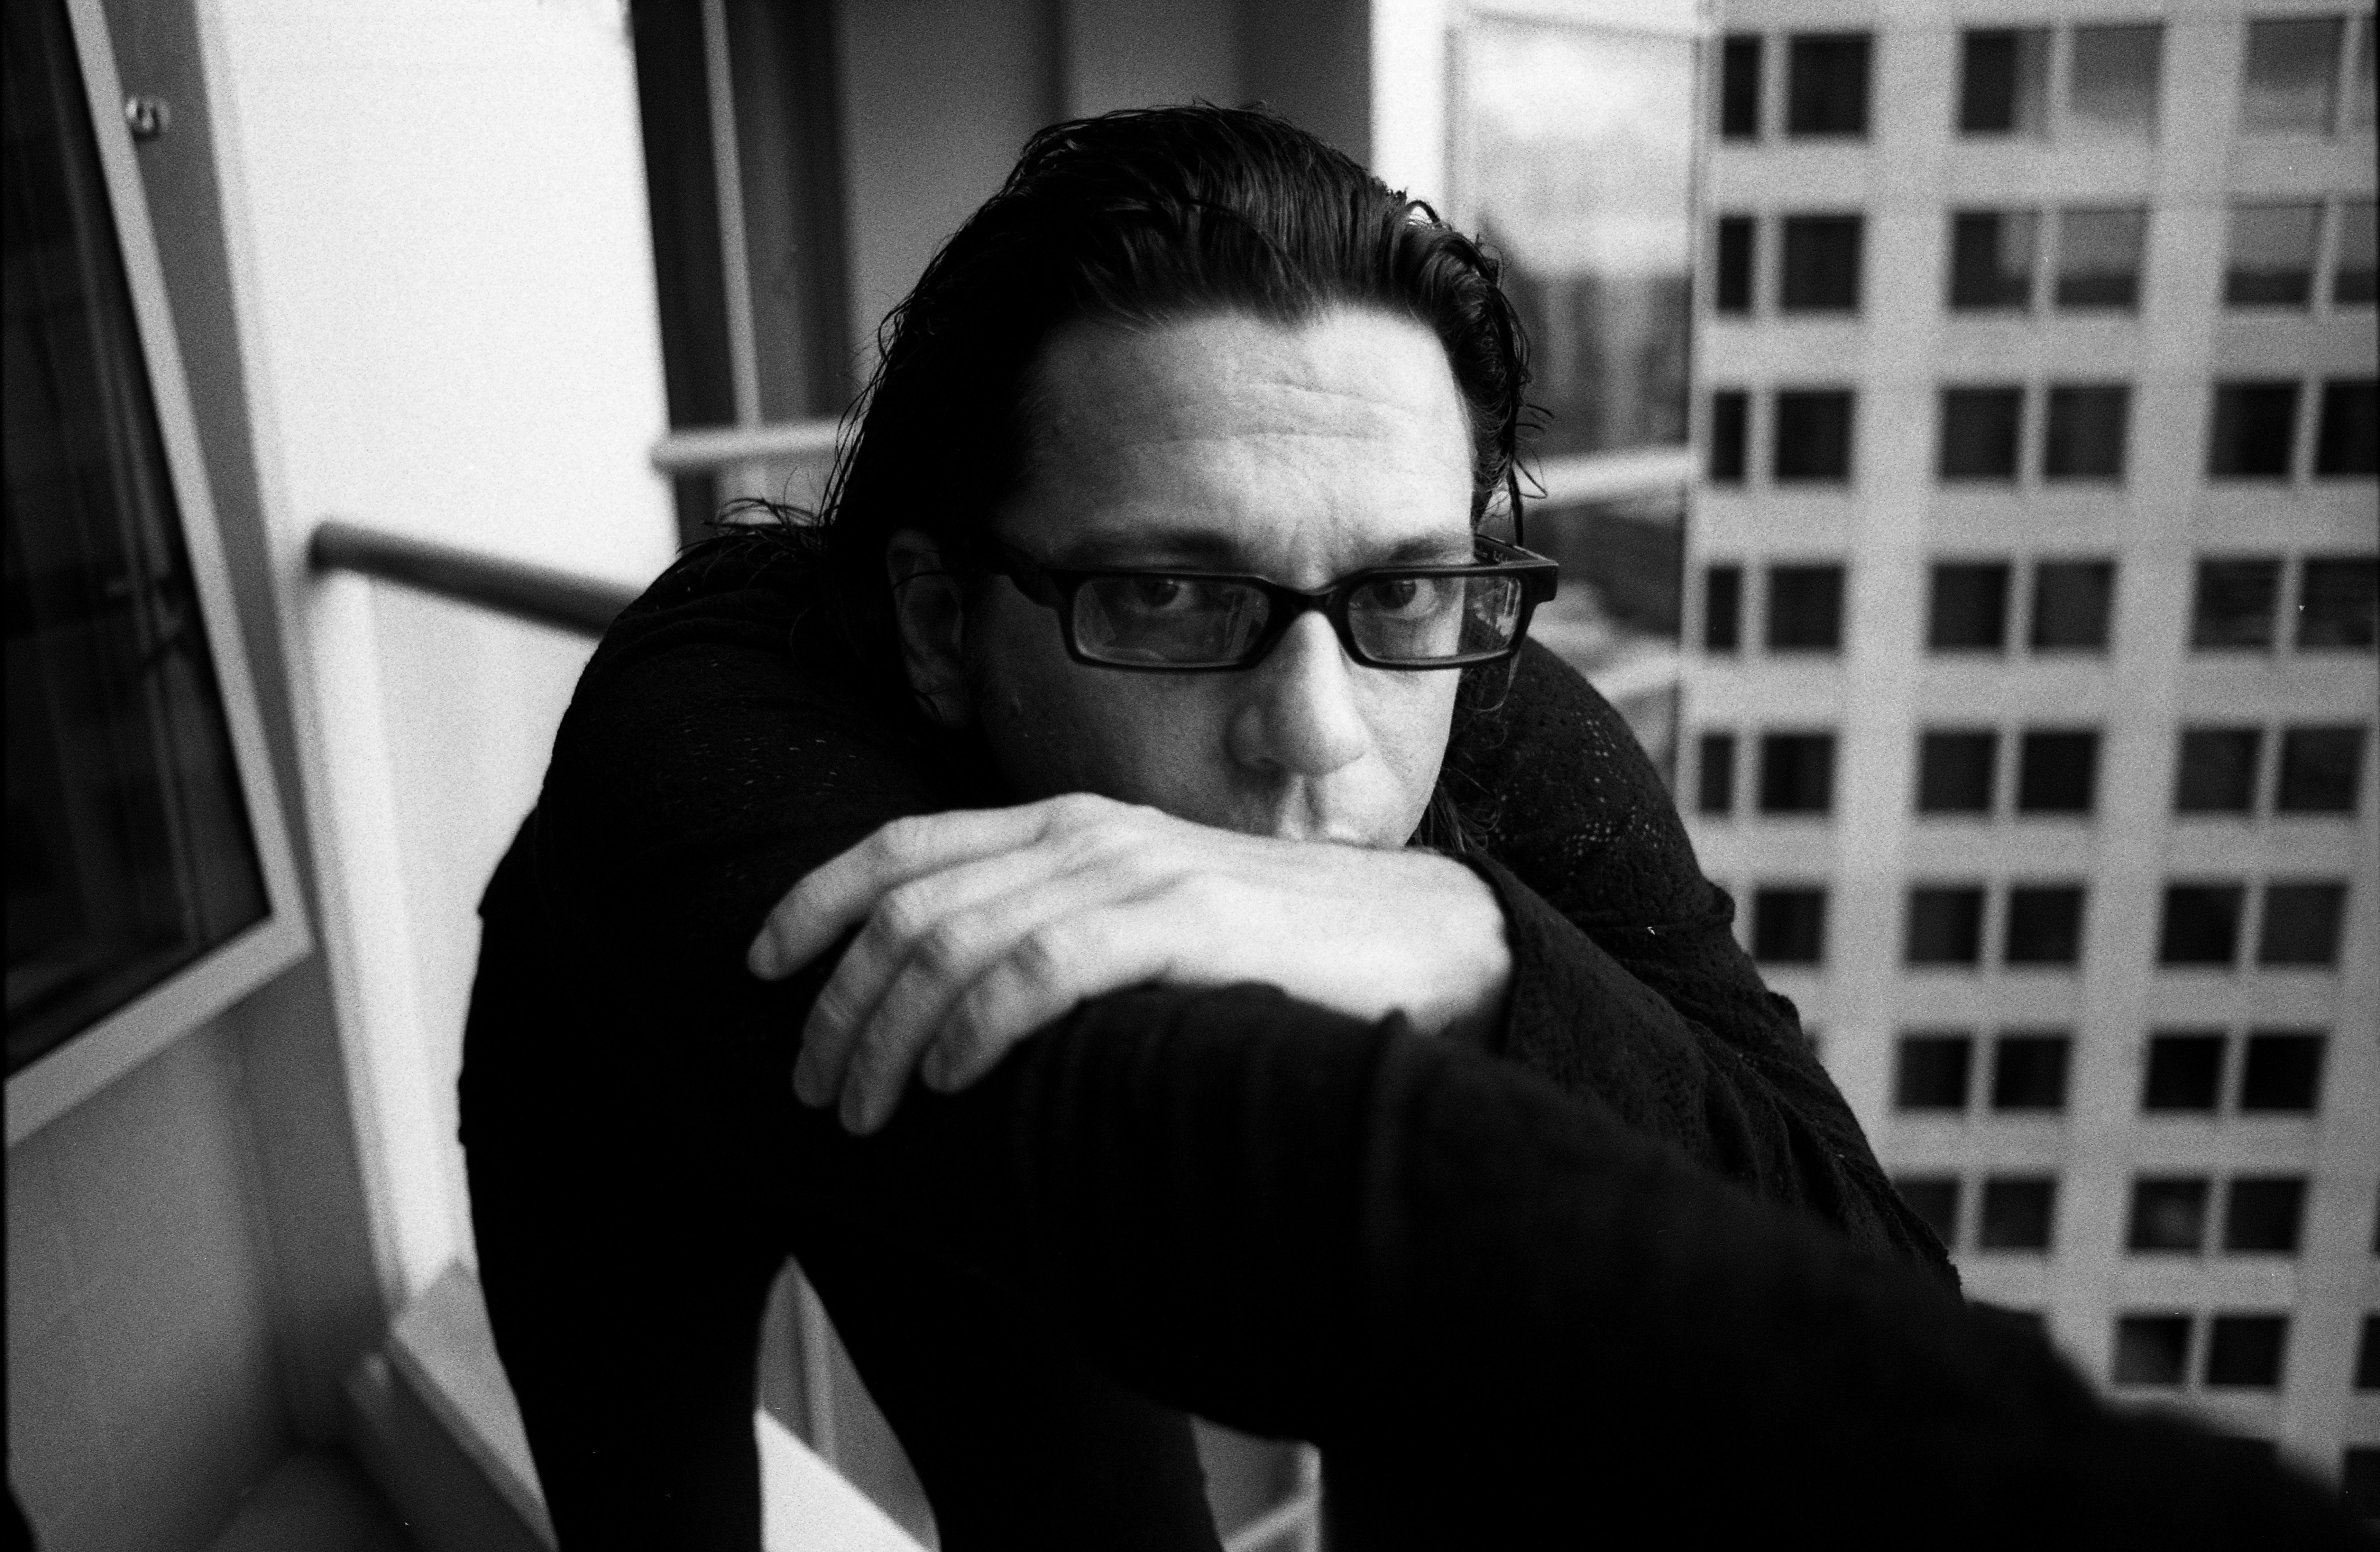 Sensibler Blick: Michael Hutchence